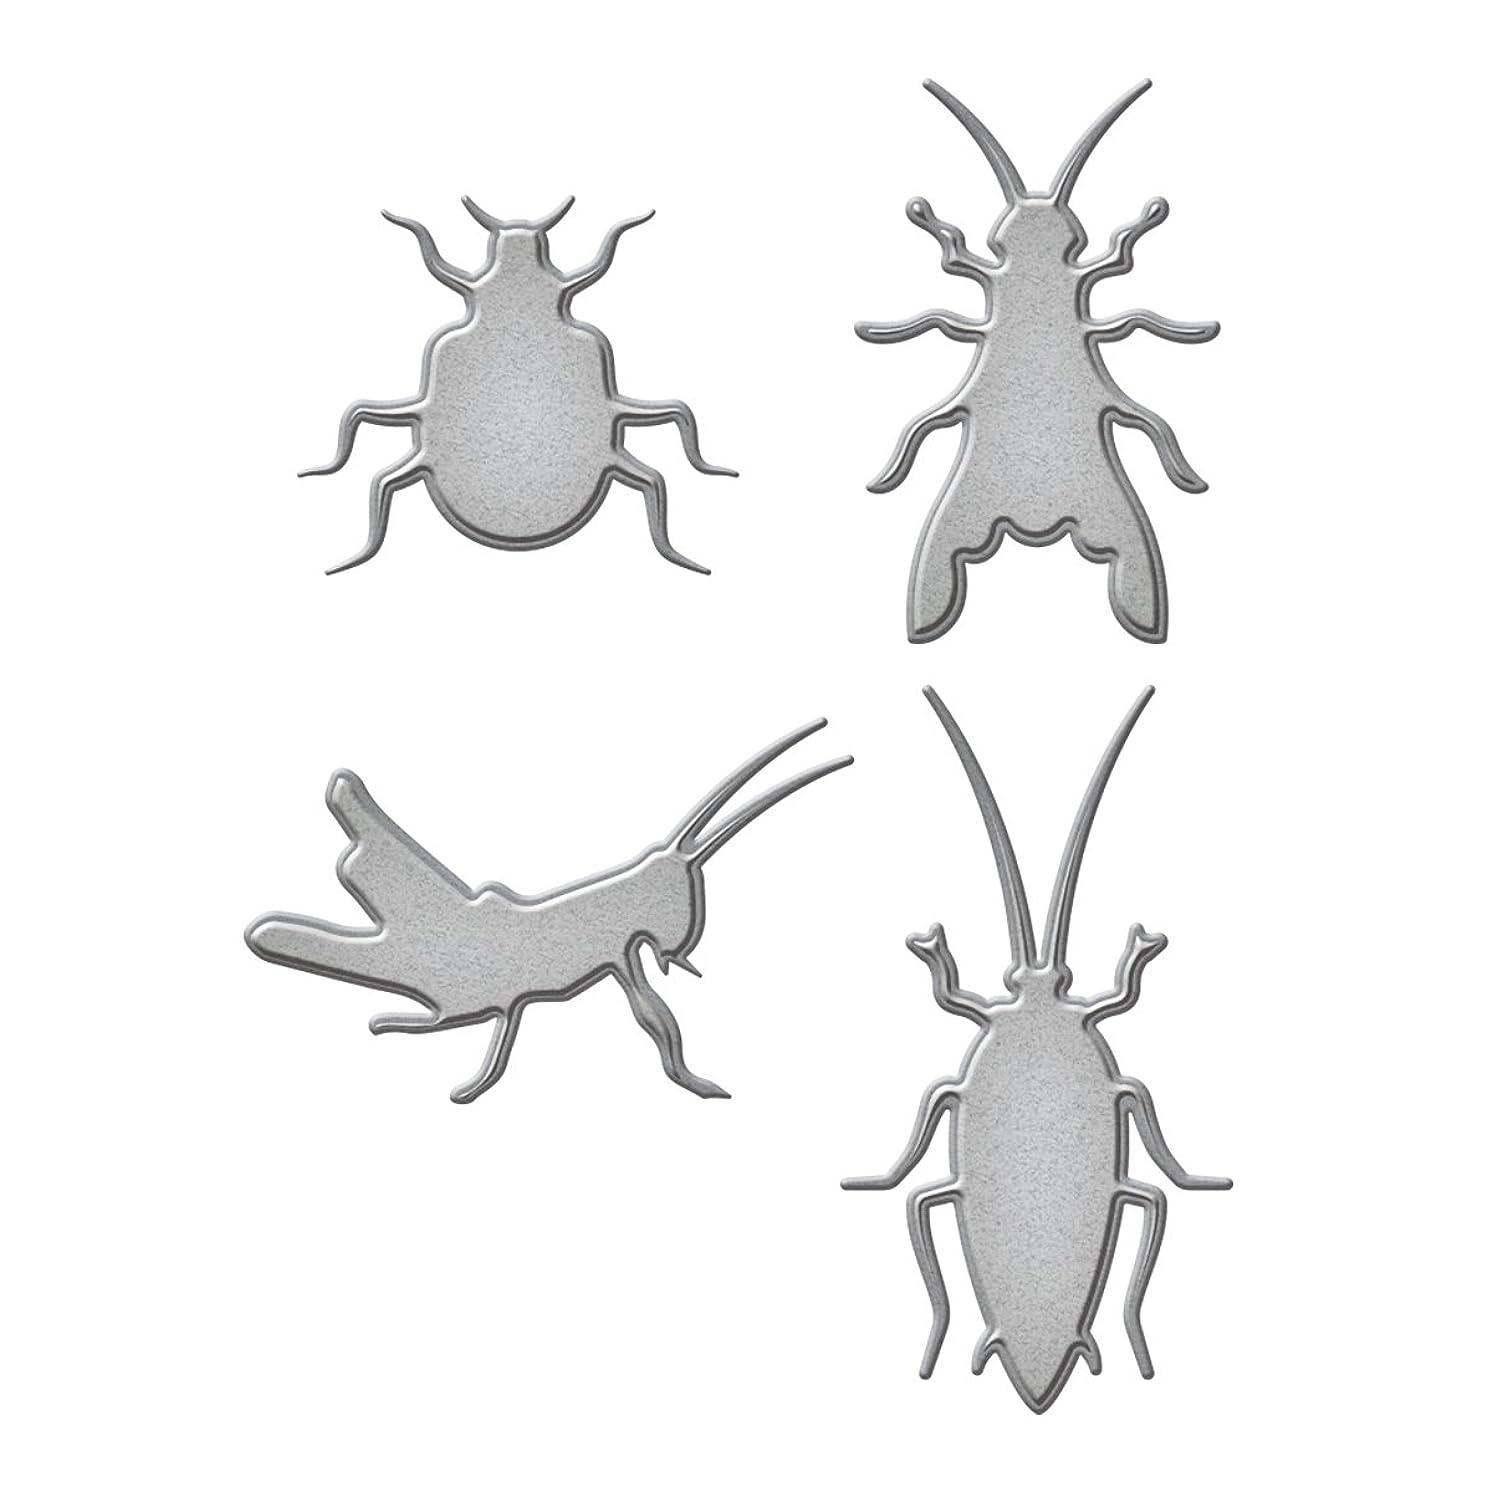 Spellbinders Die D-Lites Bugs Etched/Wafer Thin Dies